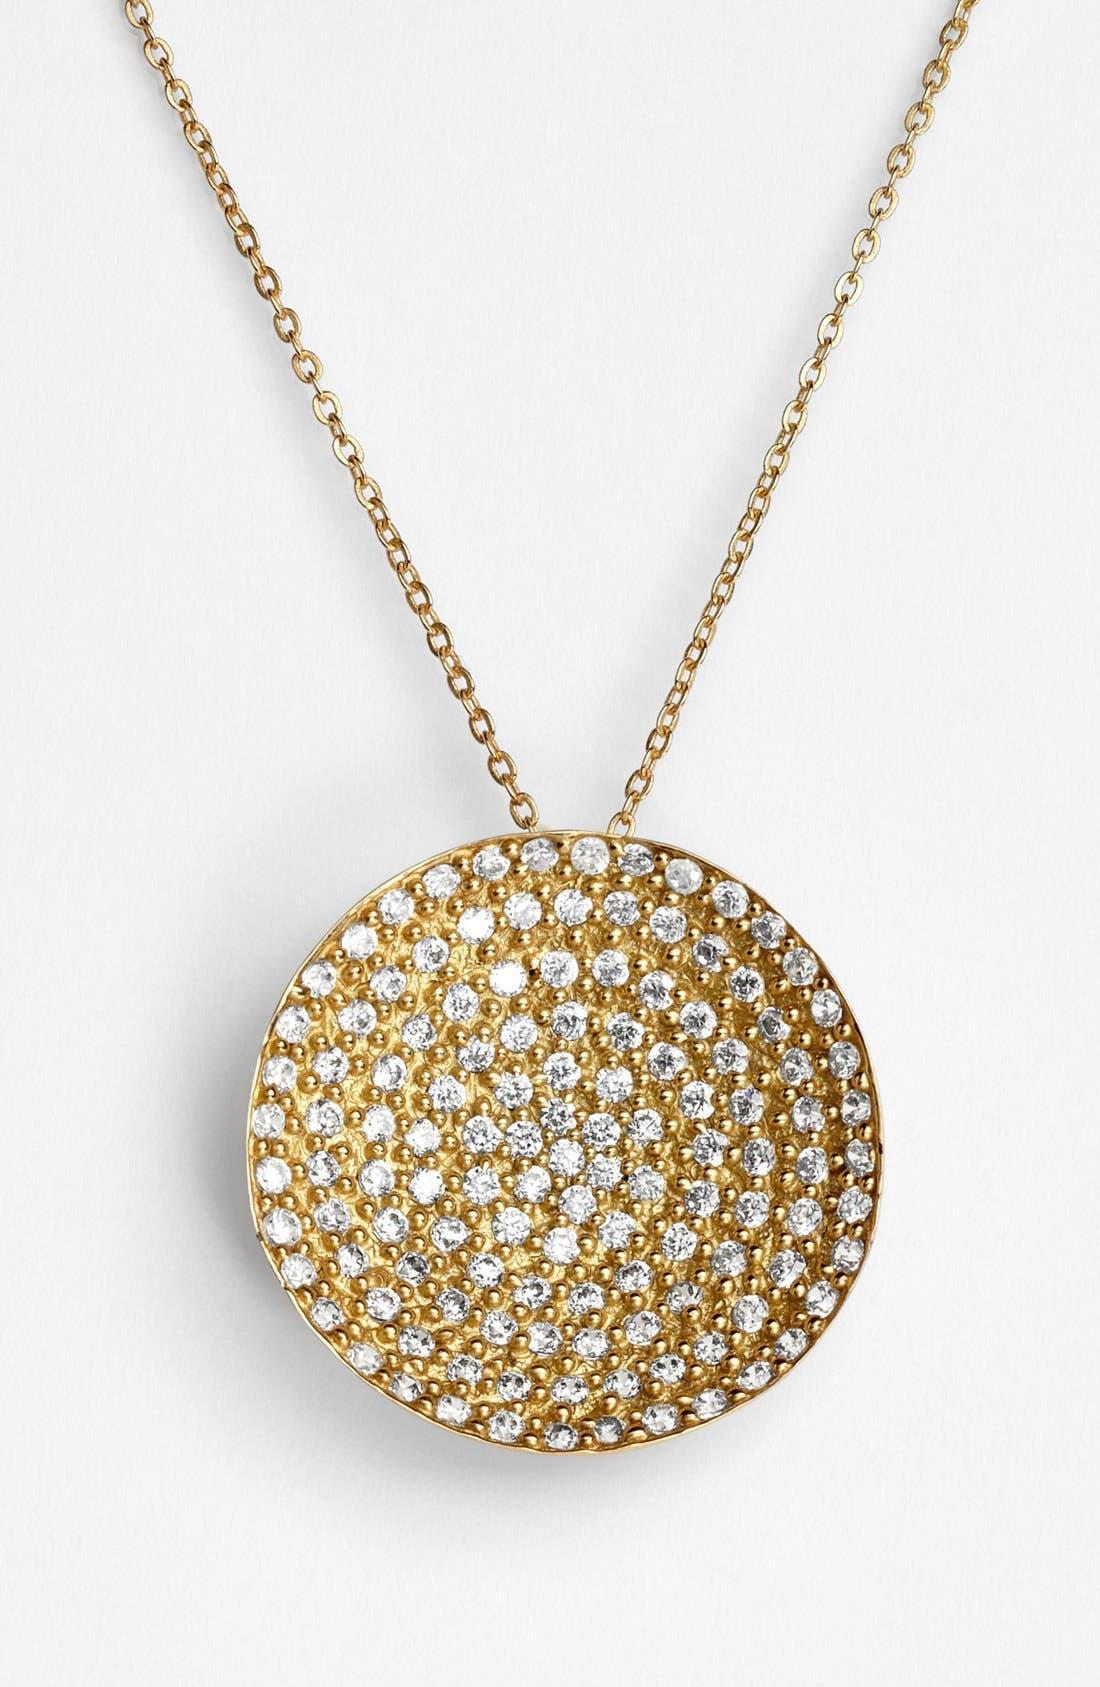 Alternate Image 1 Selected - Melinda Maria 'Nicole' Pendant Necklace